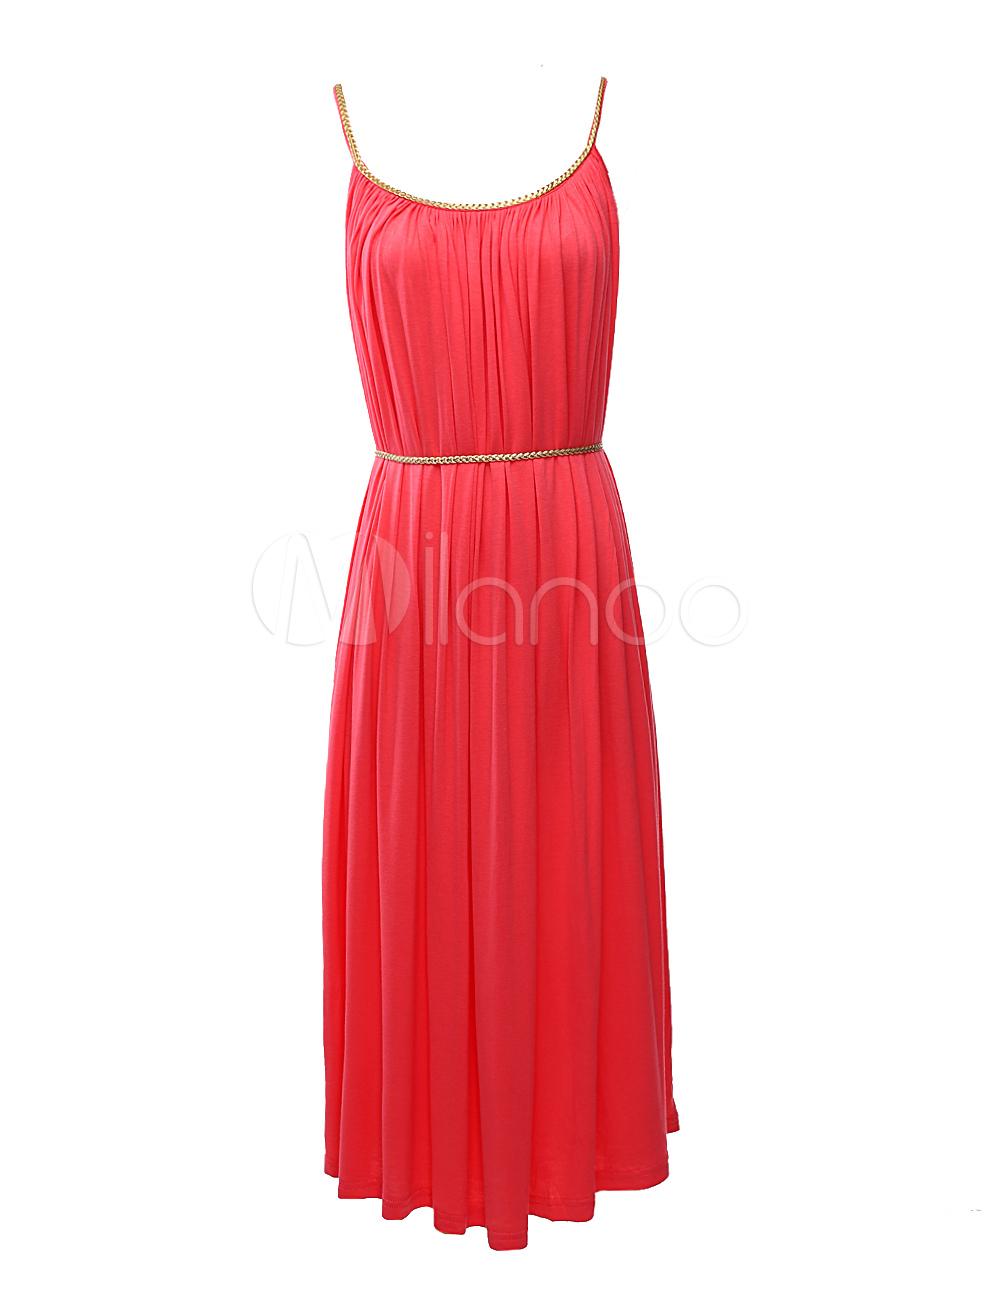 Maxi Dresses - Cheap Maxi & Long Dresses Online | Milanoo.com - photo #7